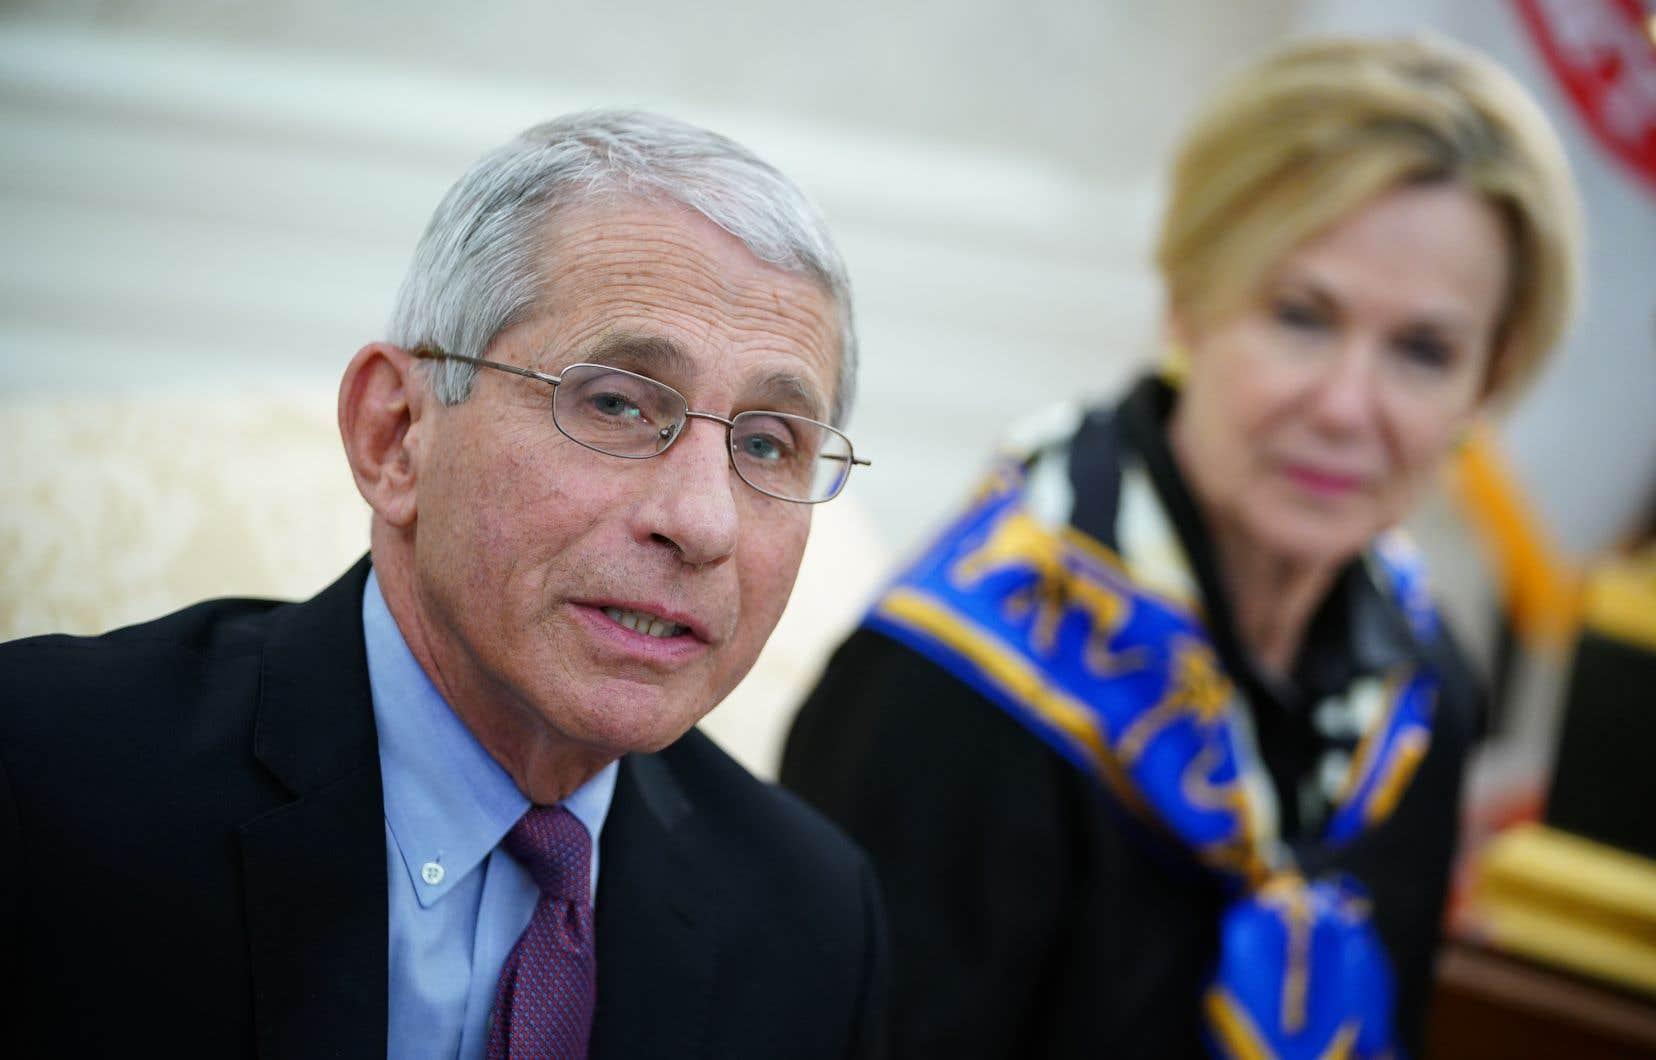 «Les données montrent que le remdesivir a un effet clair, significatif et positif pour réduire le temps de rétablissement» des malades, a déclaré Anthony Fauci, directeur de l'Institut des maladies infectieuses, dans le Bureau ovale de la Maison-Blanche.